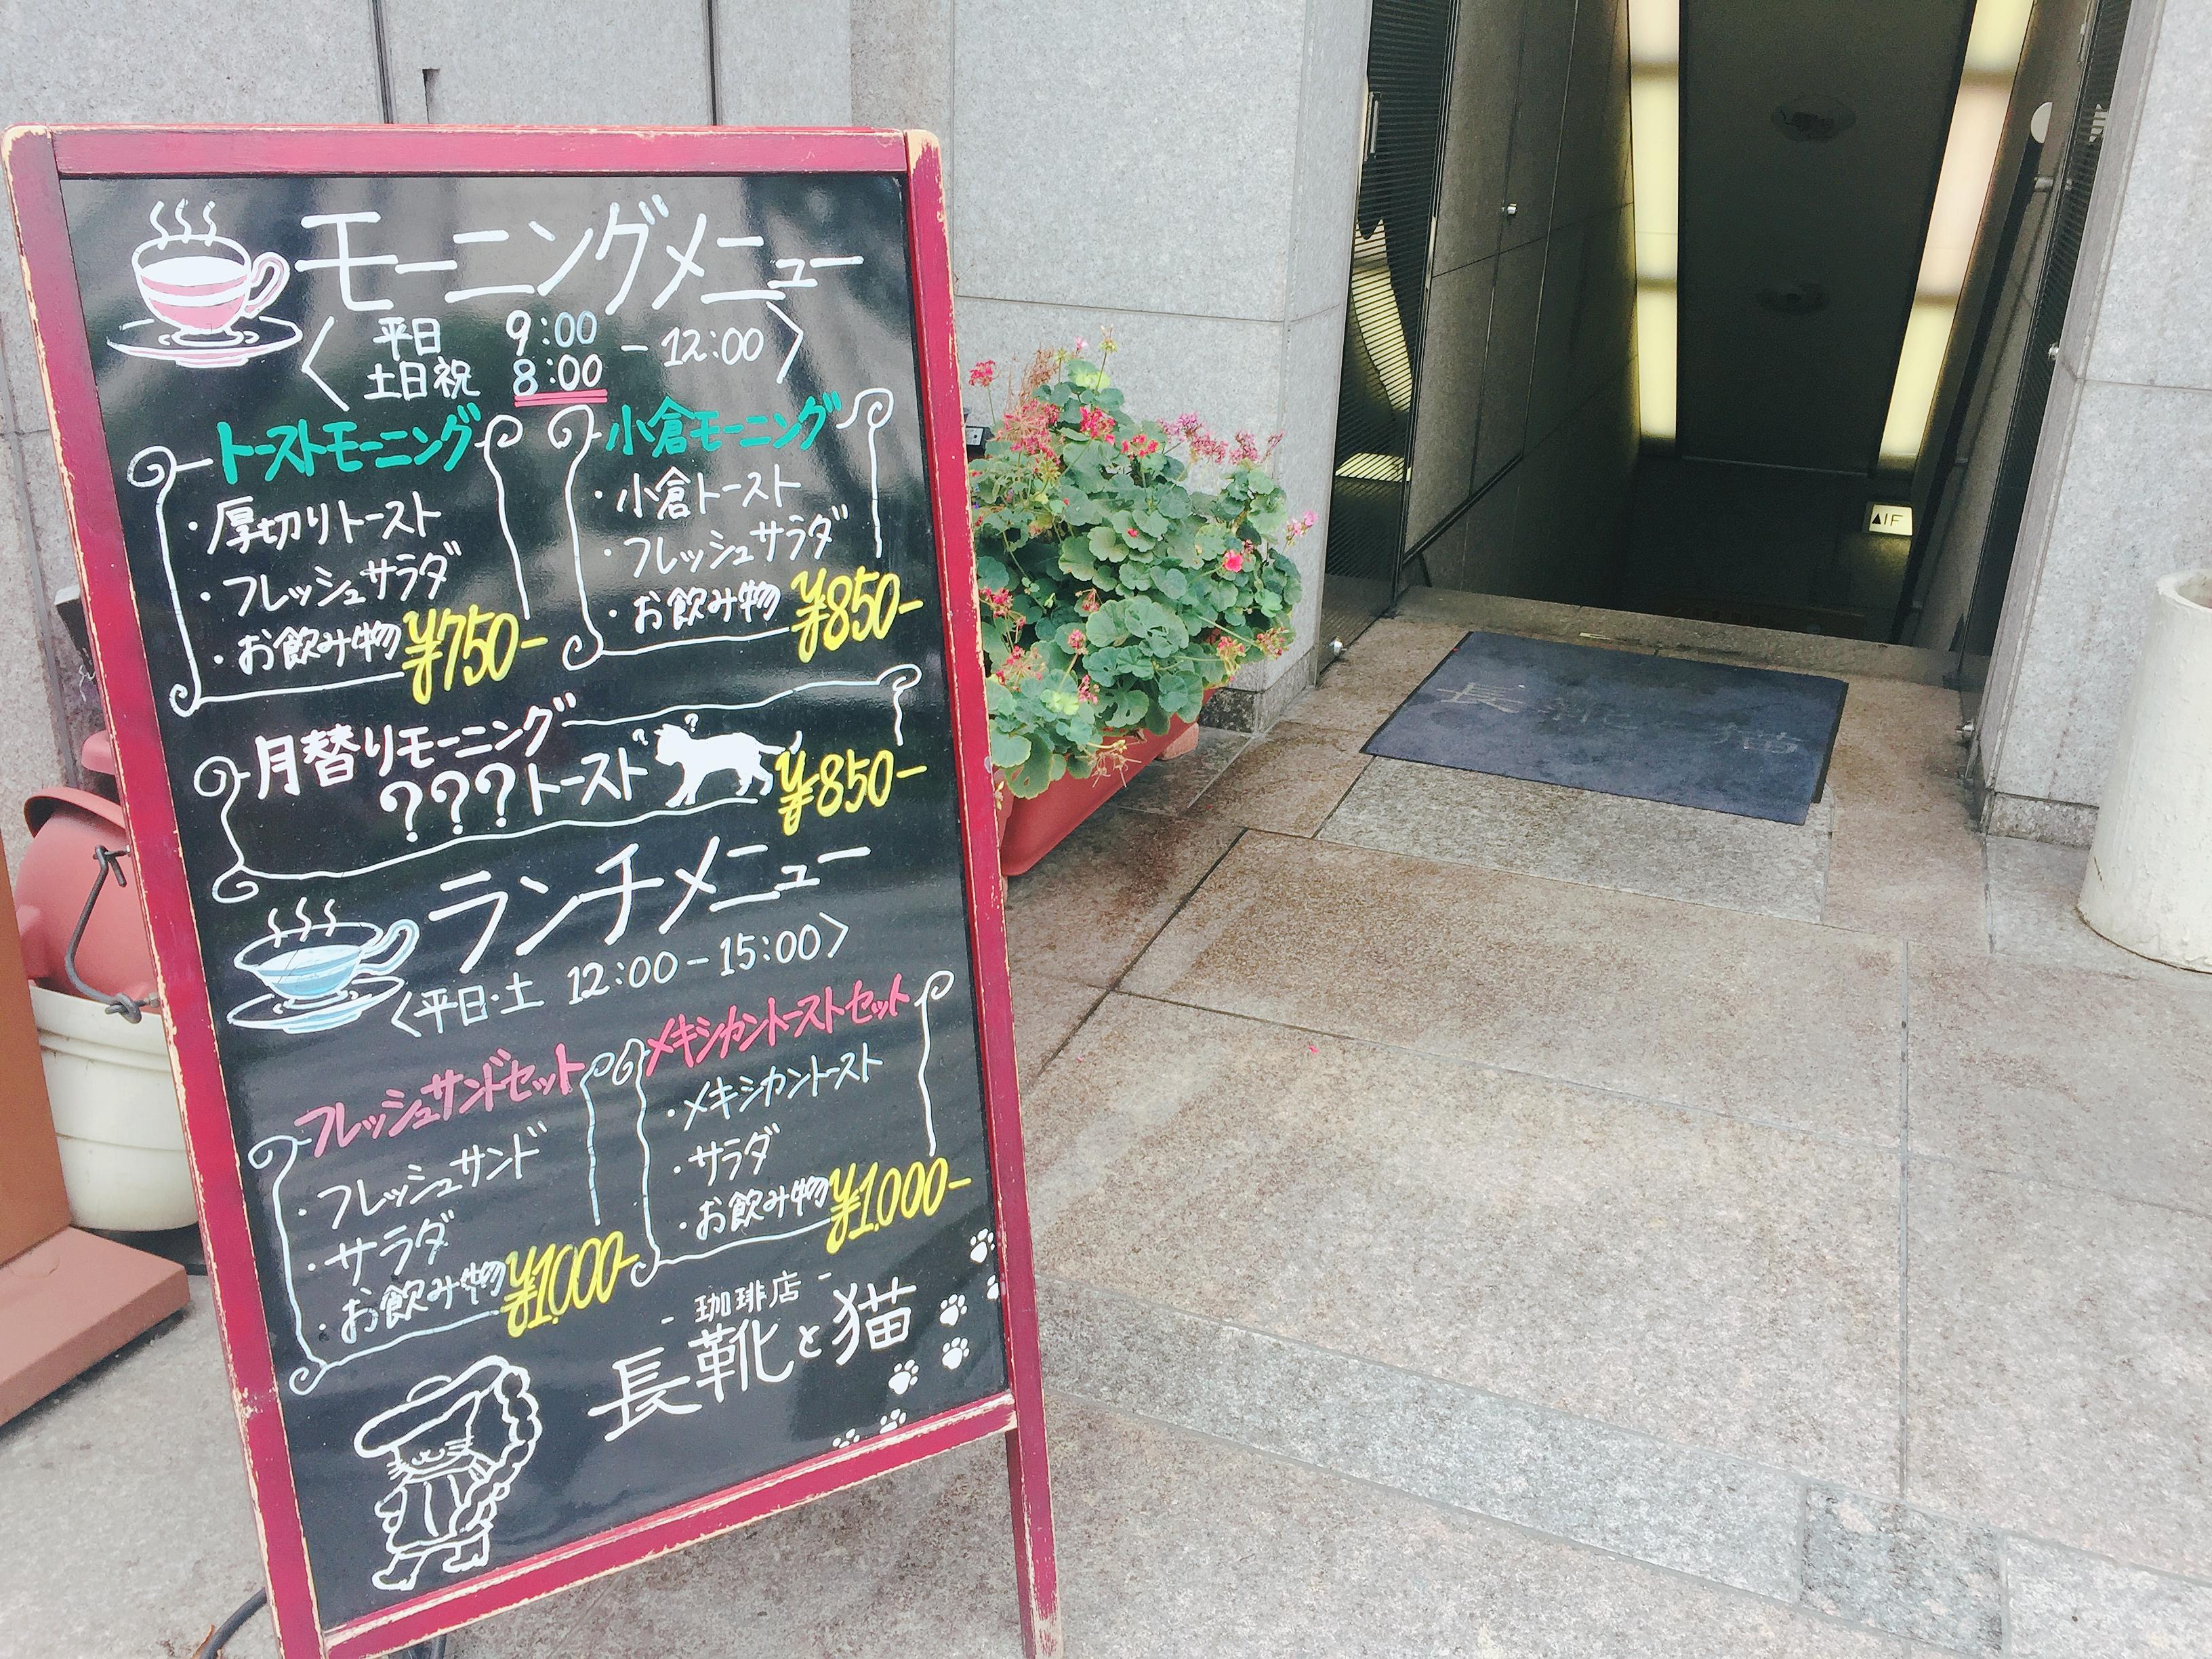 店内いっぱいに広がるおとぎ話の世界!珈琲店「長靴と猫」で優雅なランチタイムを - IMG 6543